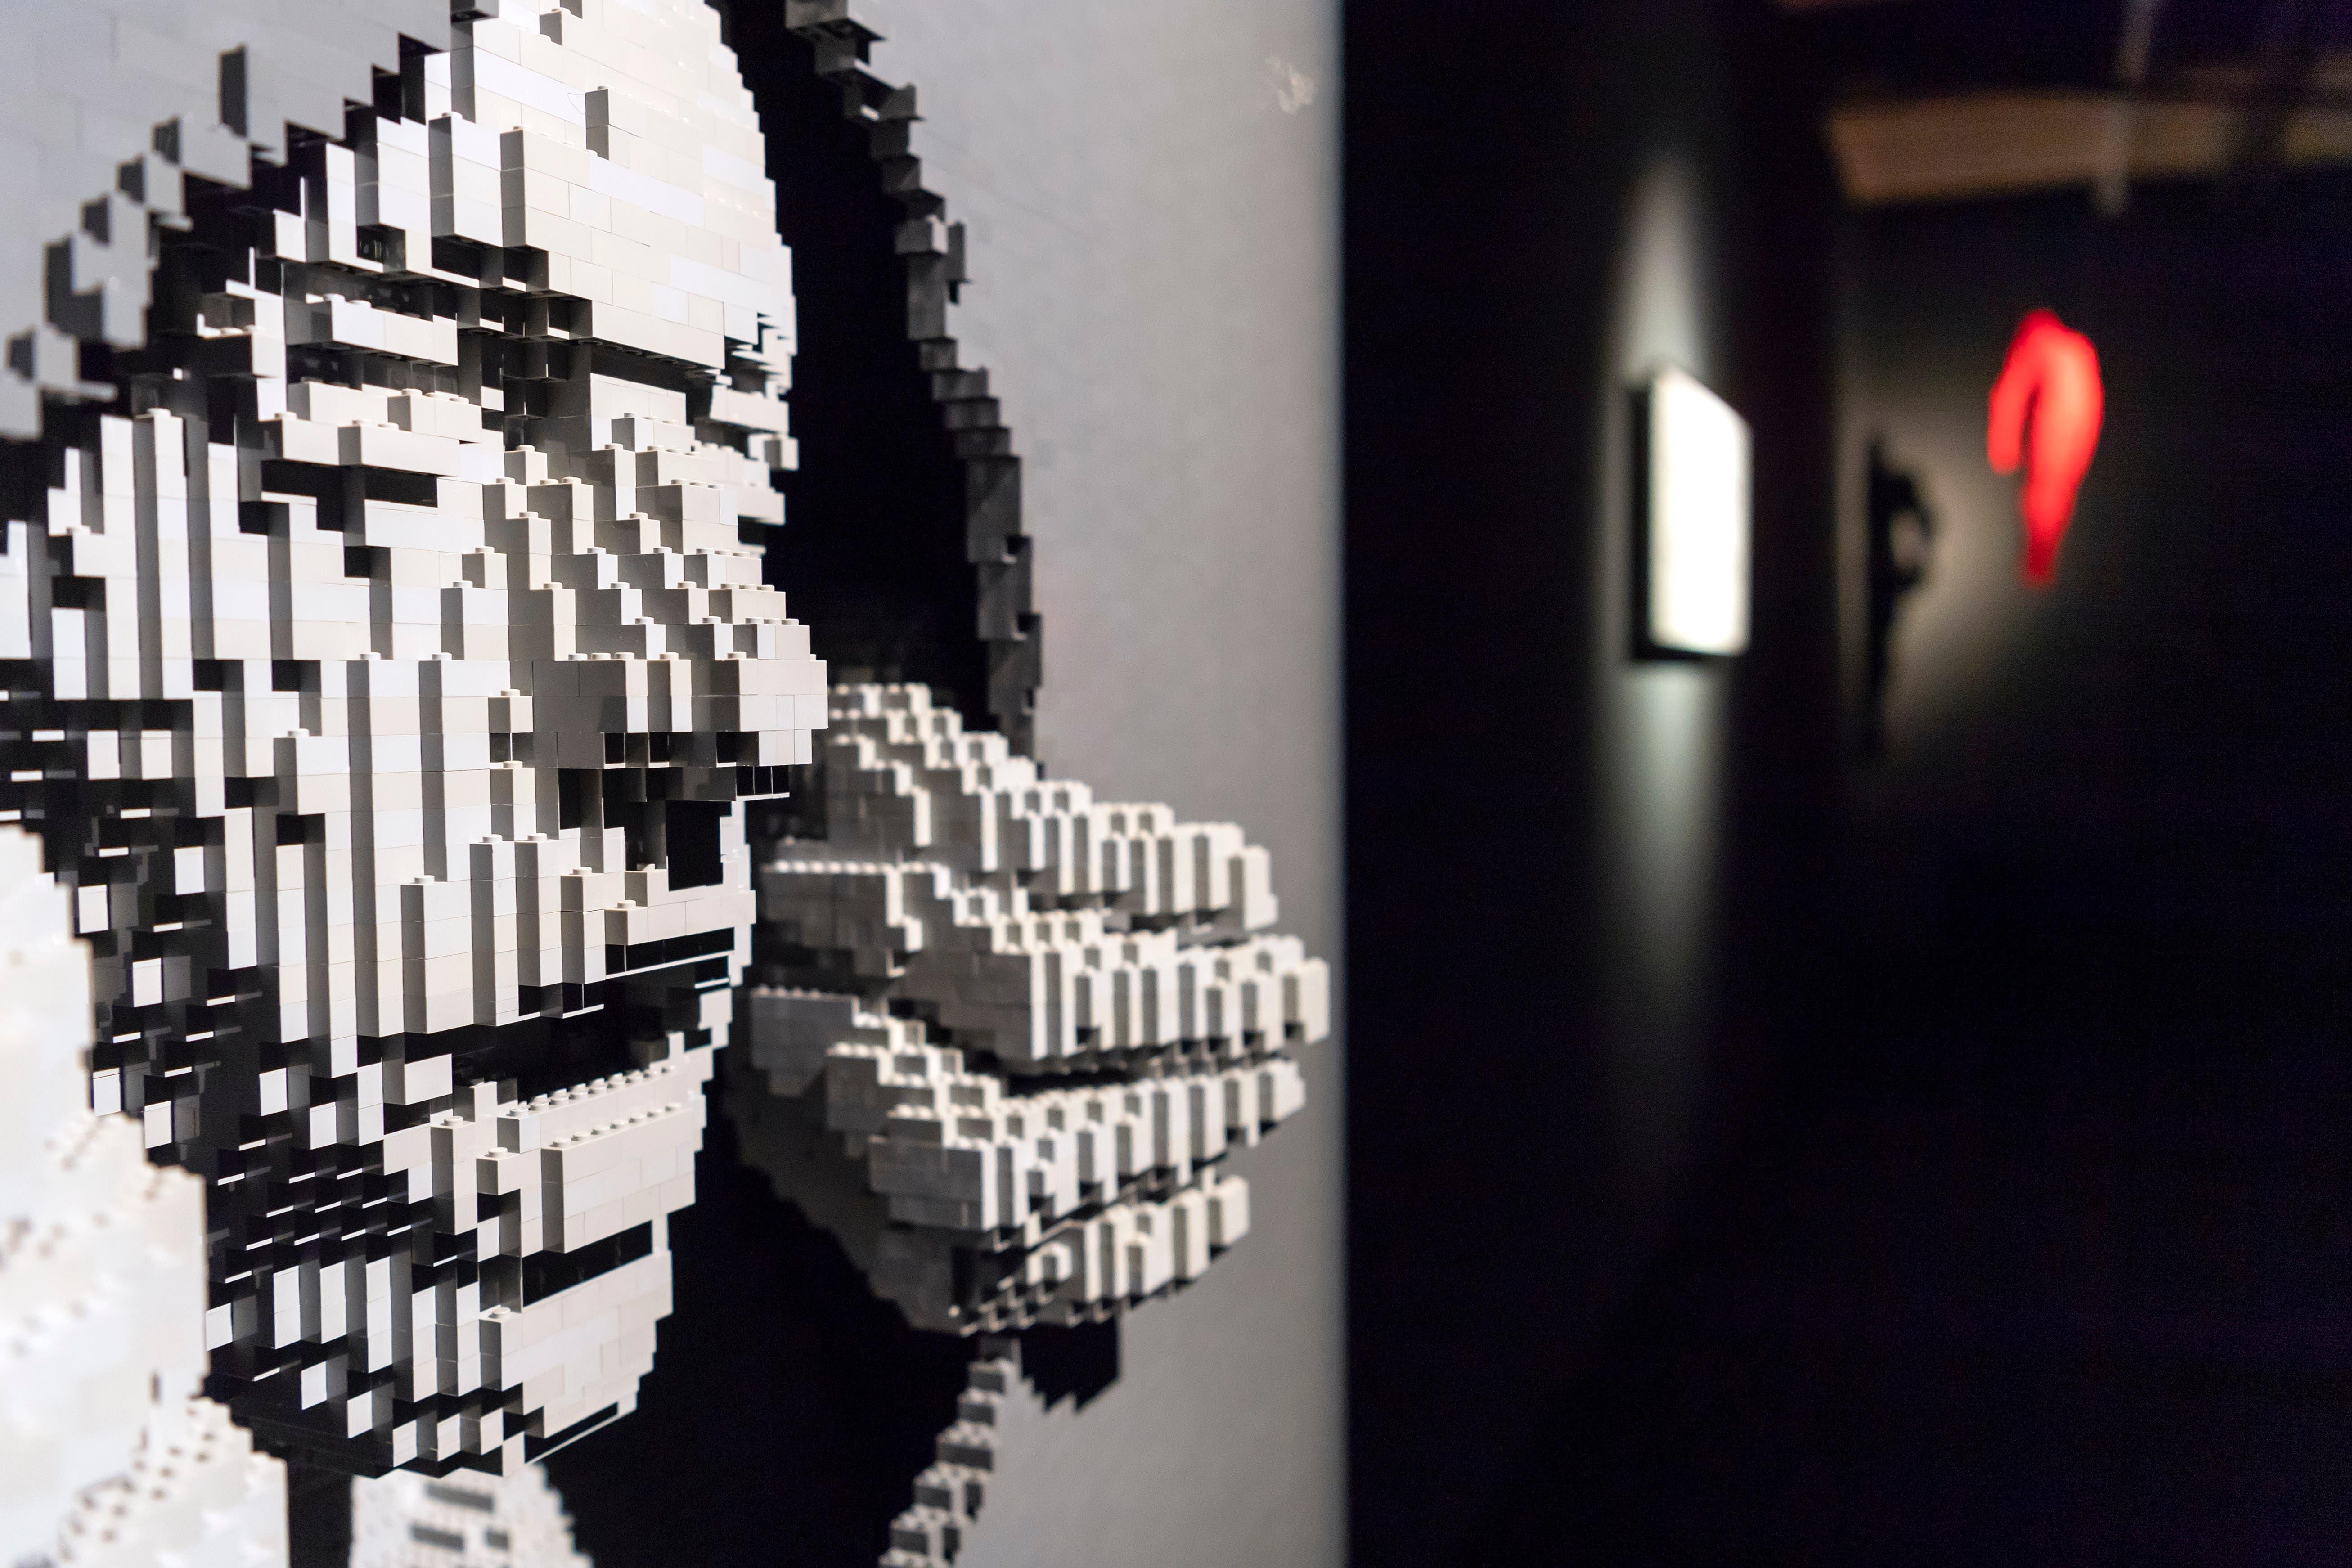 Der Künstler macht aus Legosteinen Kunst. (Bild: KEYSTONE/Martial Trezzini)